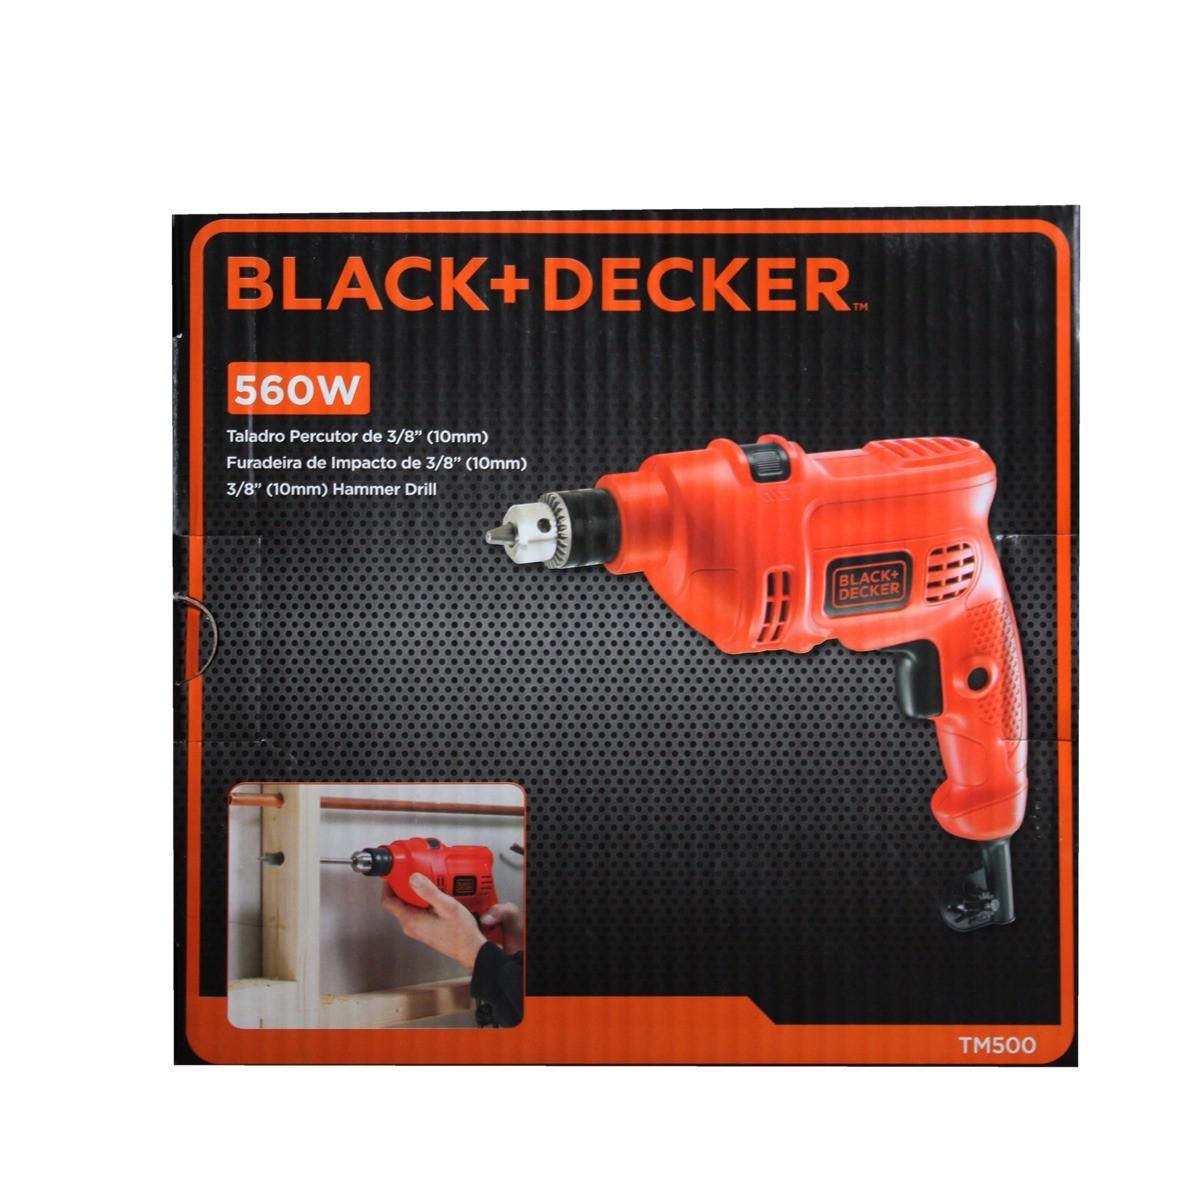 Furadeira De Impacto 560w 10mm Black e Decker TM-500-B2